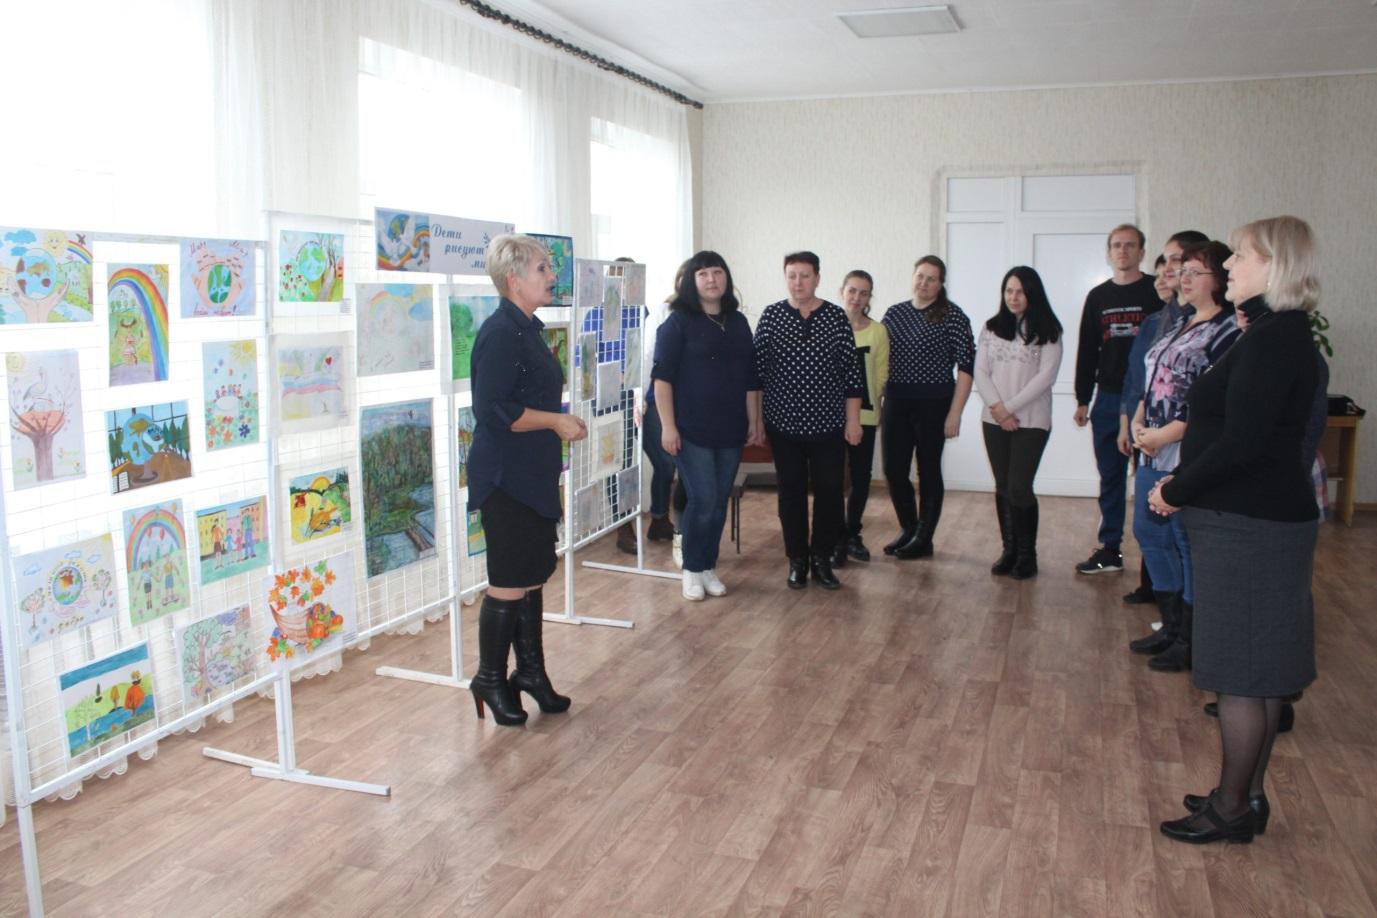 В Славяносербске открыли выставку детских рисунков «Дети рисуют мир» 1